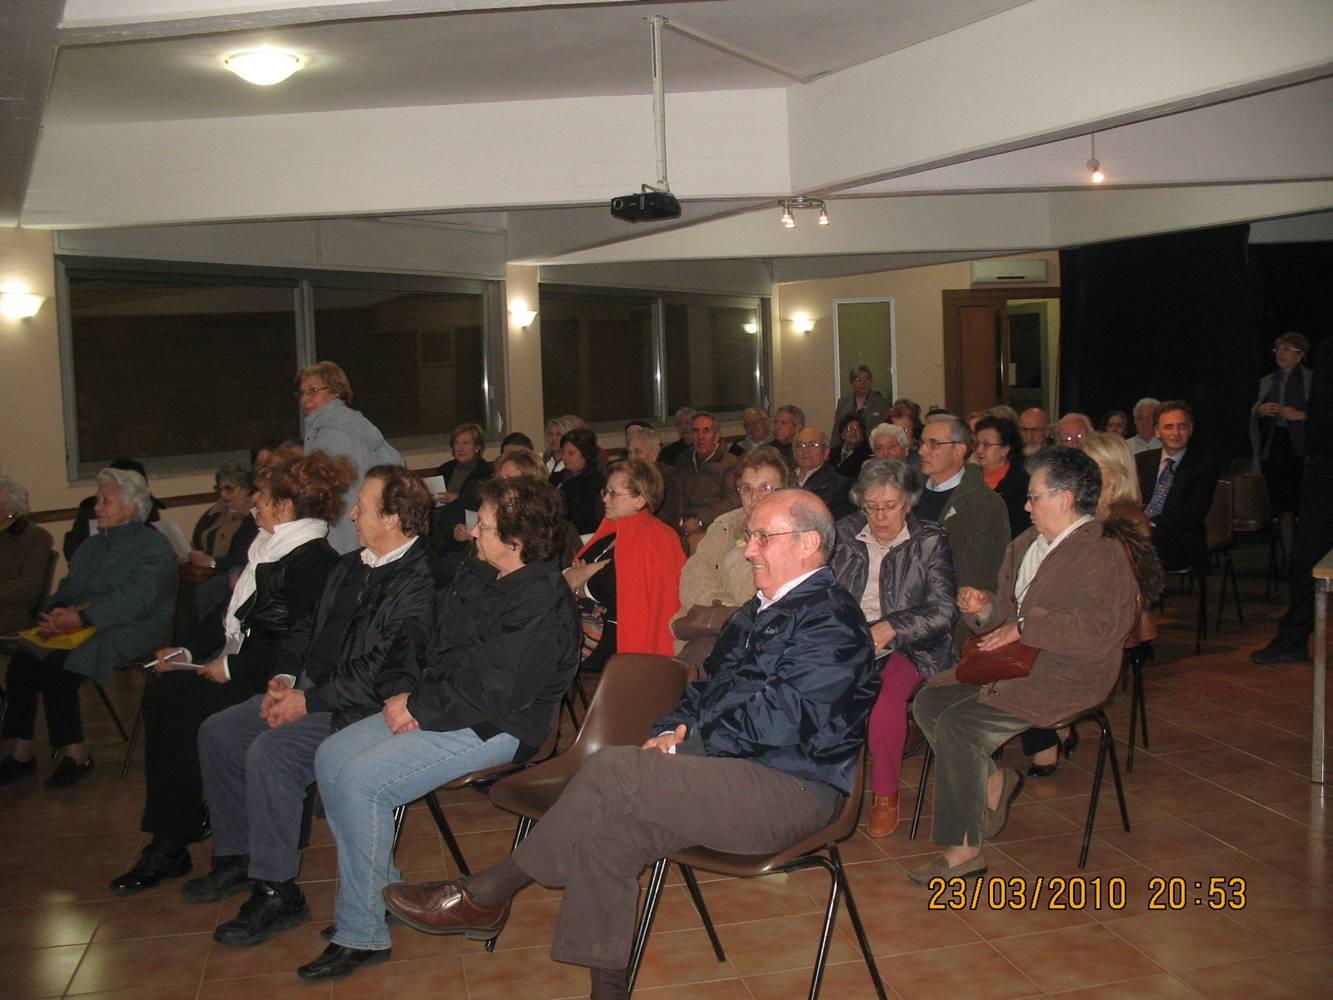 http://associazioneamec.com/amec/images/foto/Immagine9.jpg